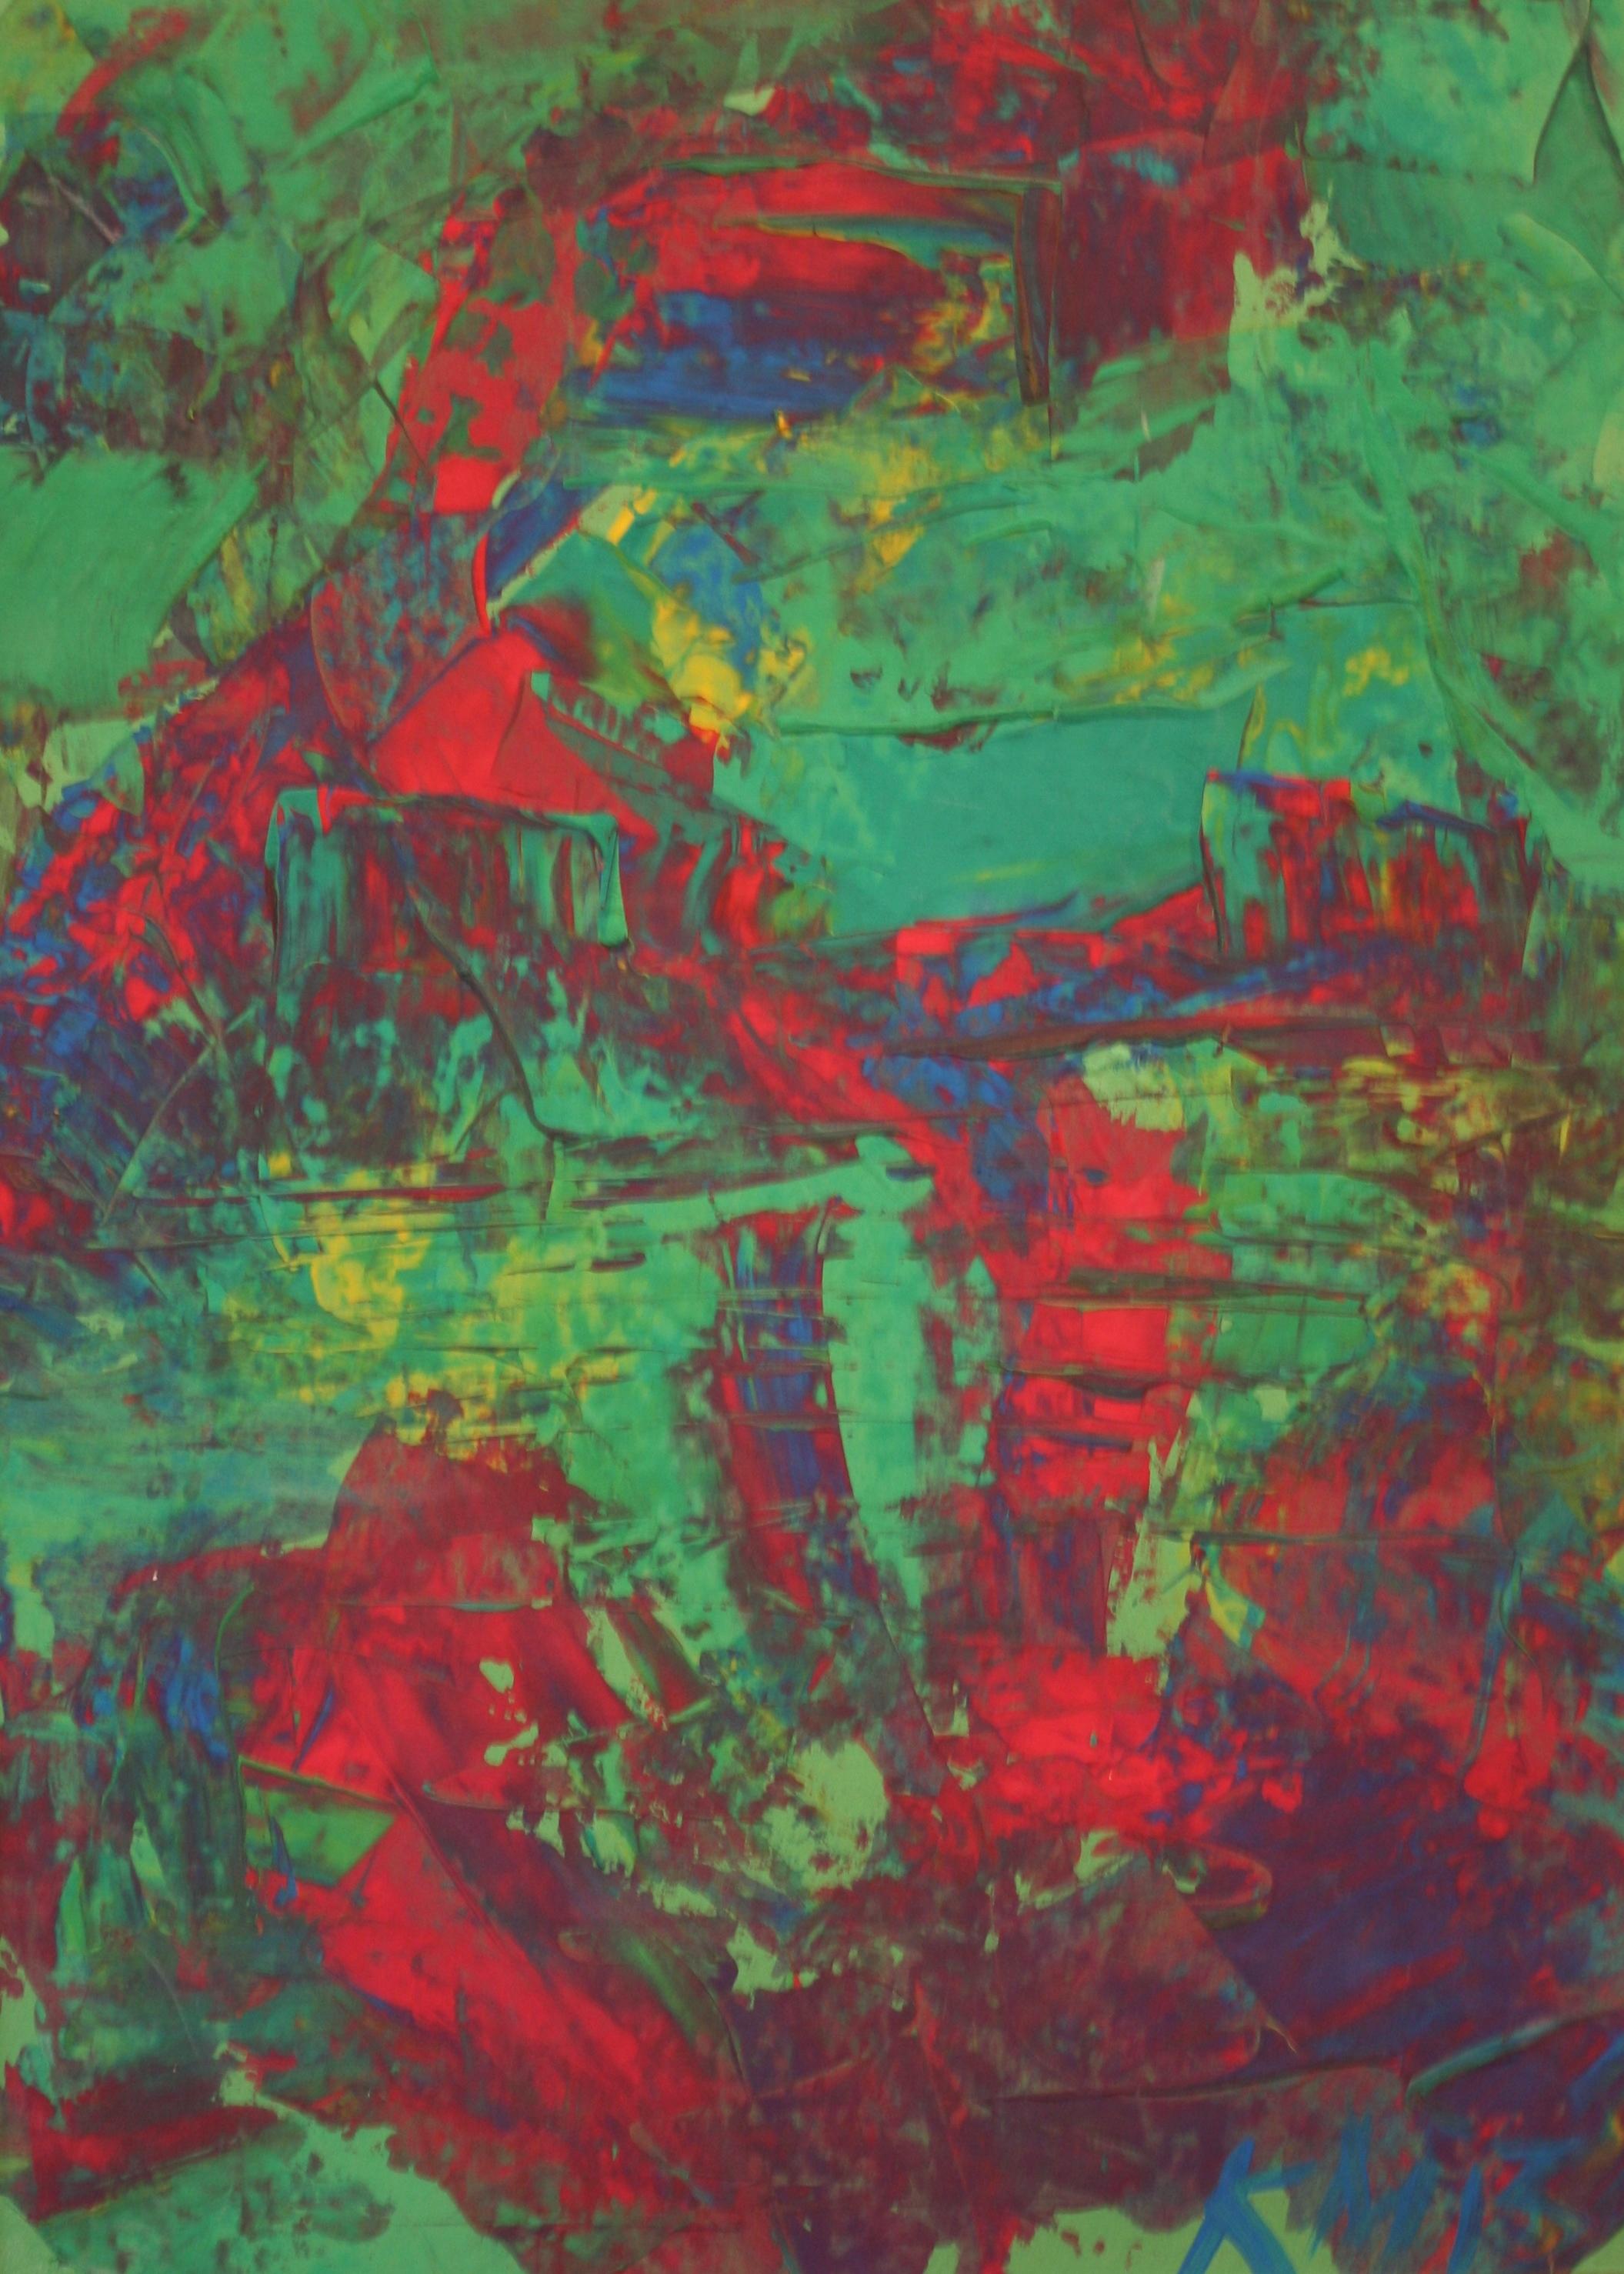 Spiegelungen, 2013, 72 x 52, Gouache auf Papier